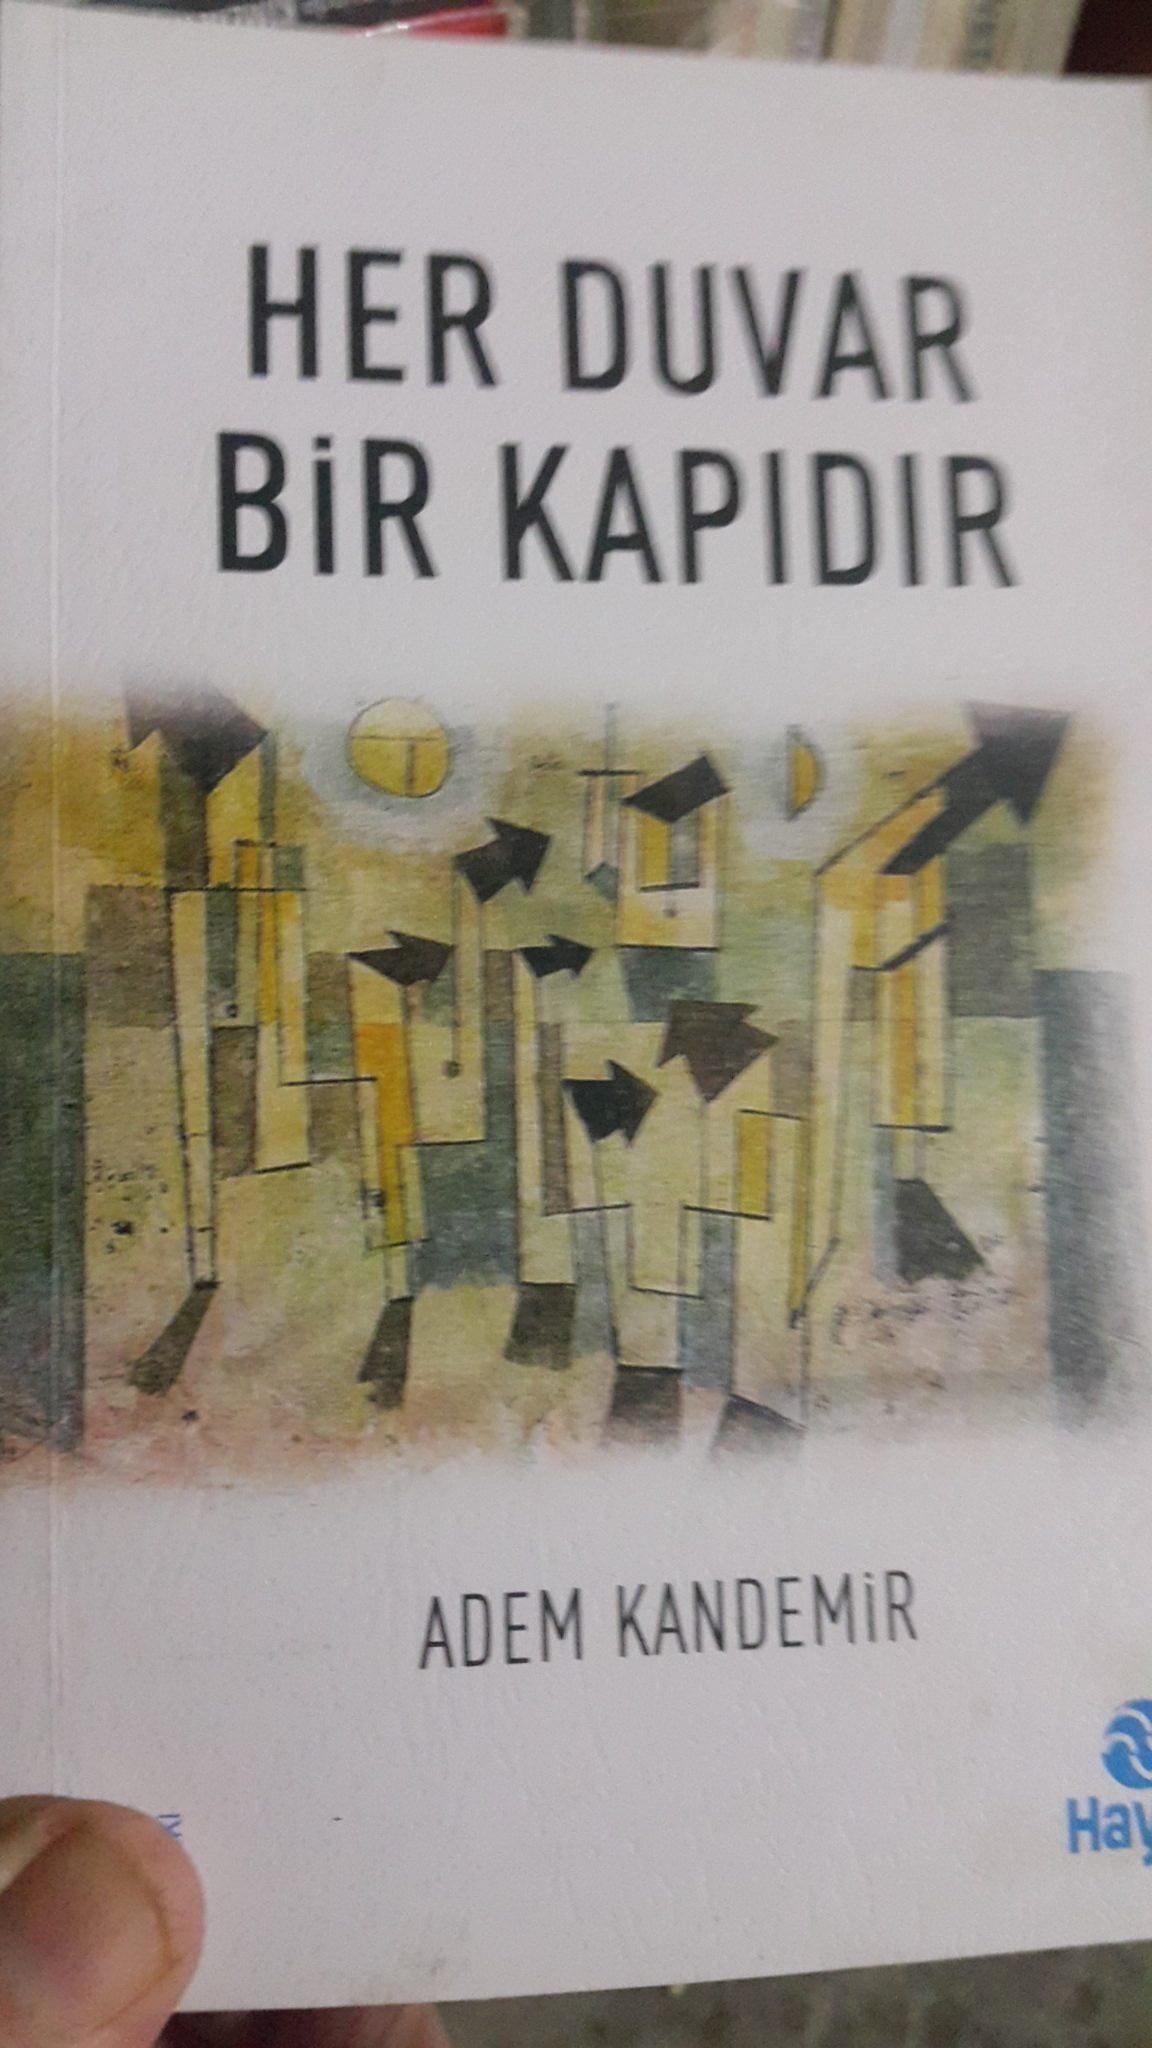 HER DUVAR BİR KAPIDIR/ADEM KANDEMİR